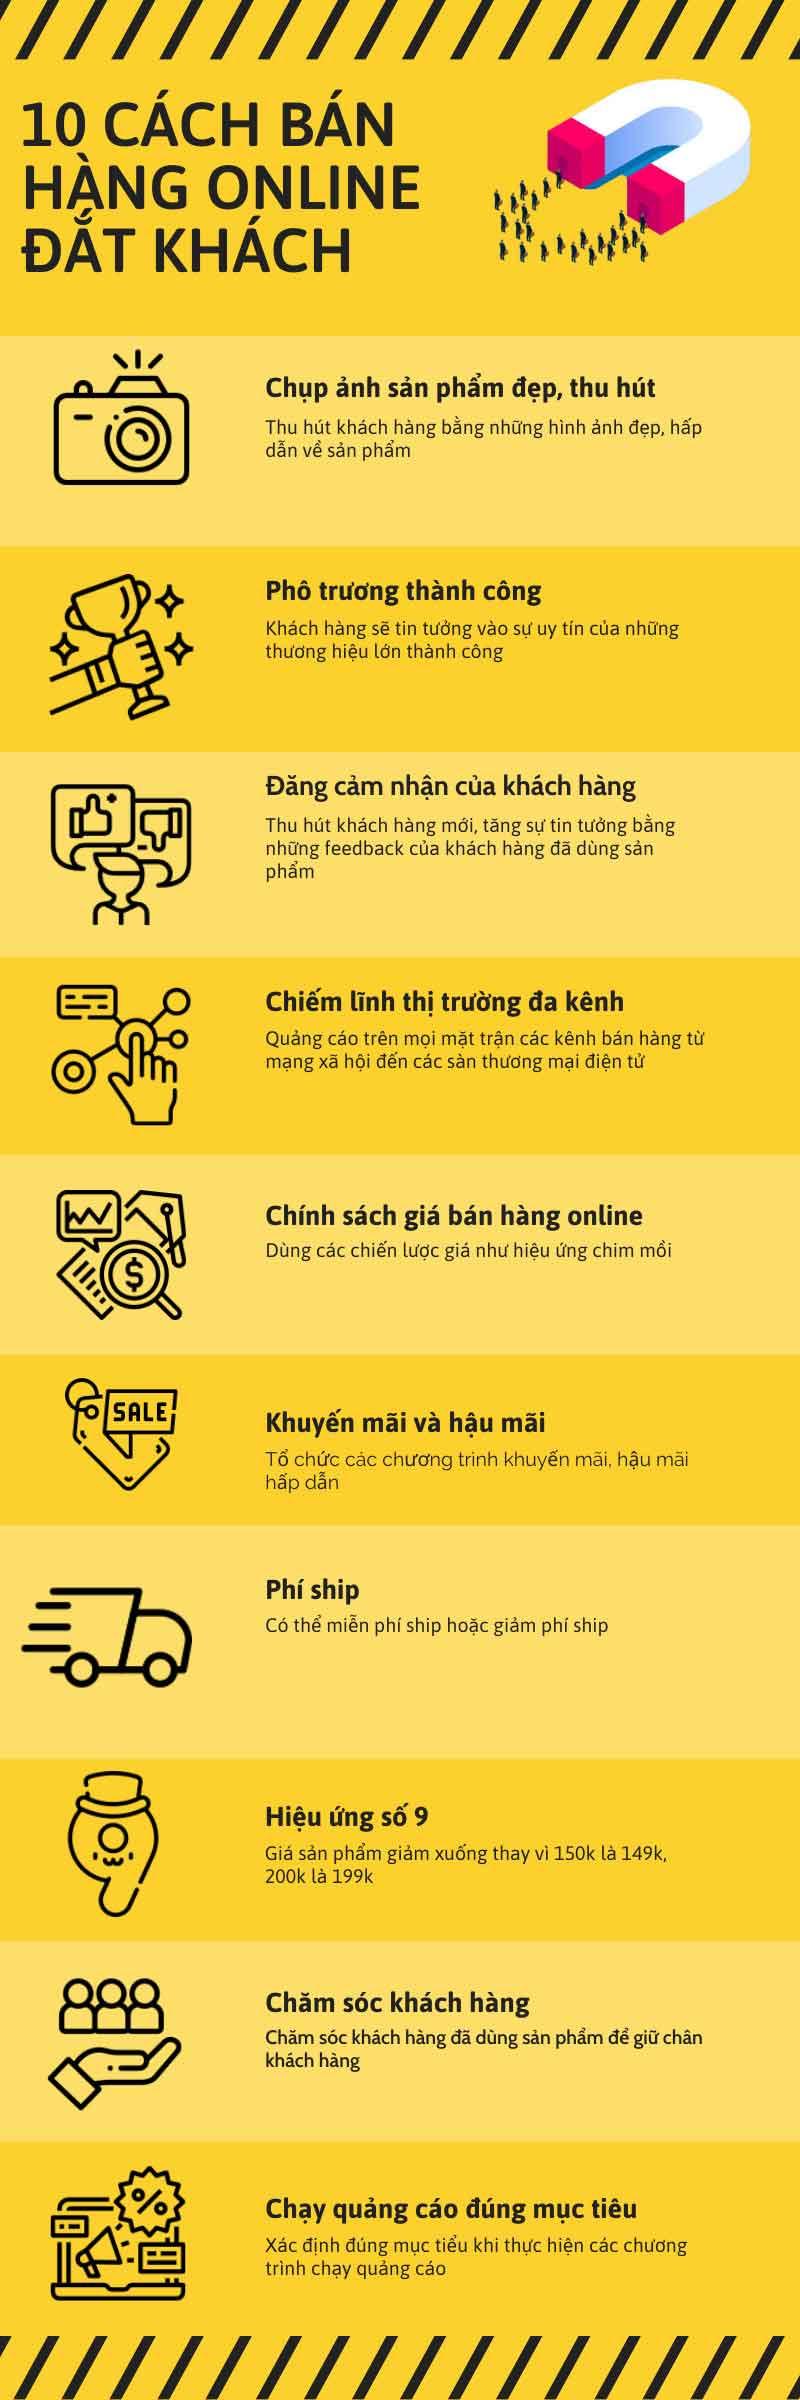 Hướng dẫn cách bán hàng Online đắt khách